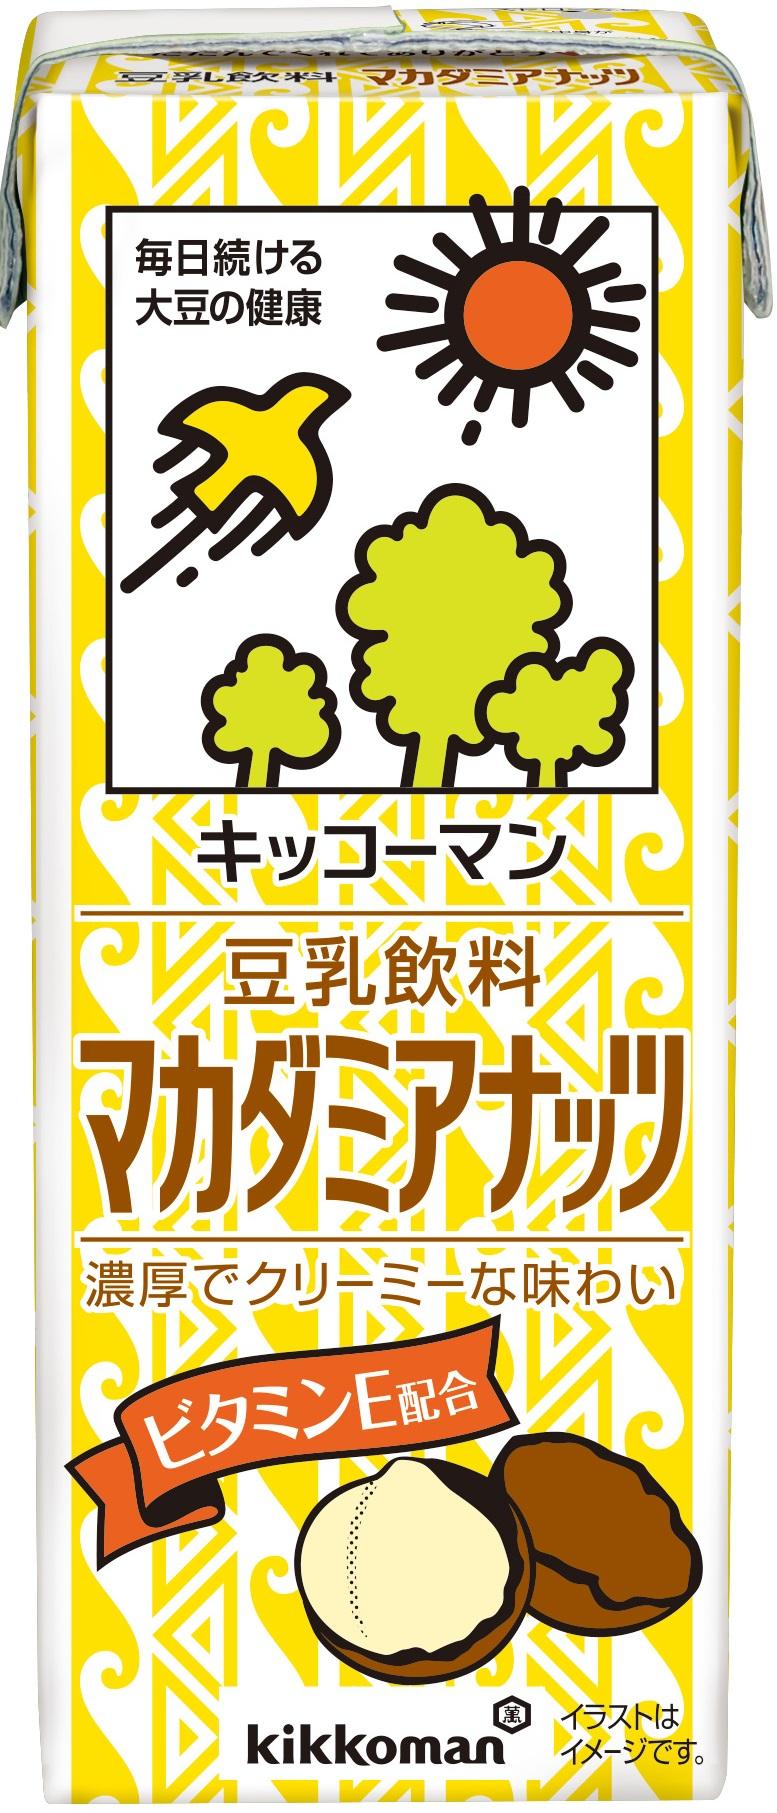 チルド飲料豆乳キッコーマン豆乳飲料マカデミア200ml